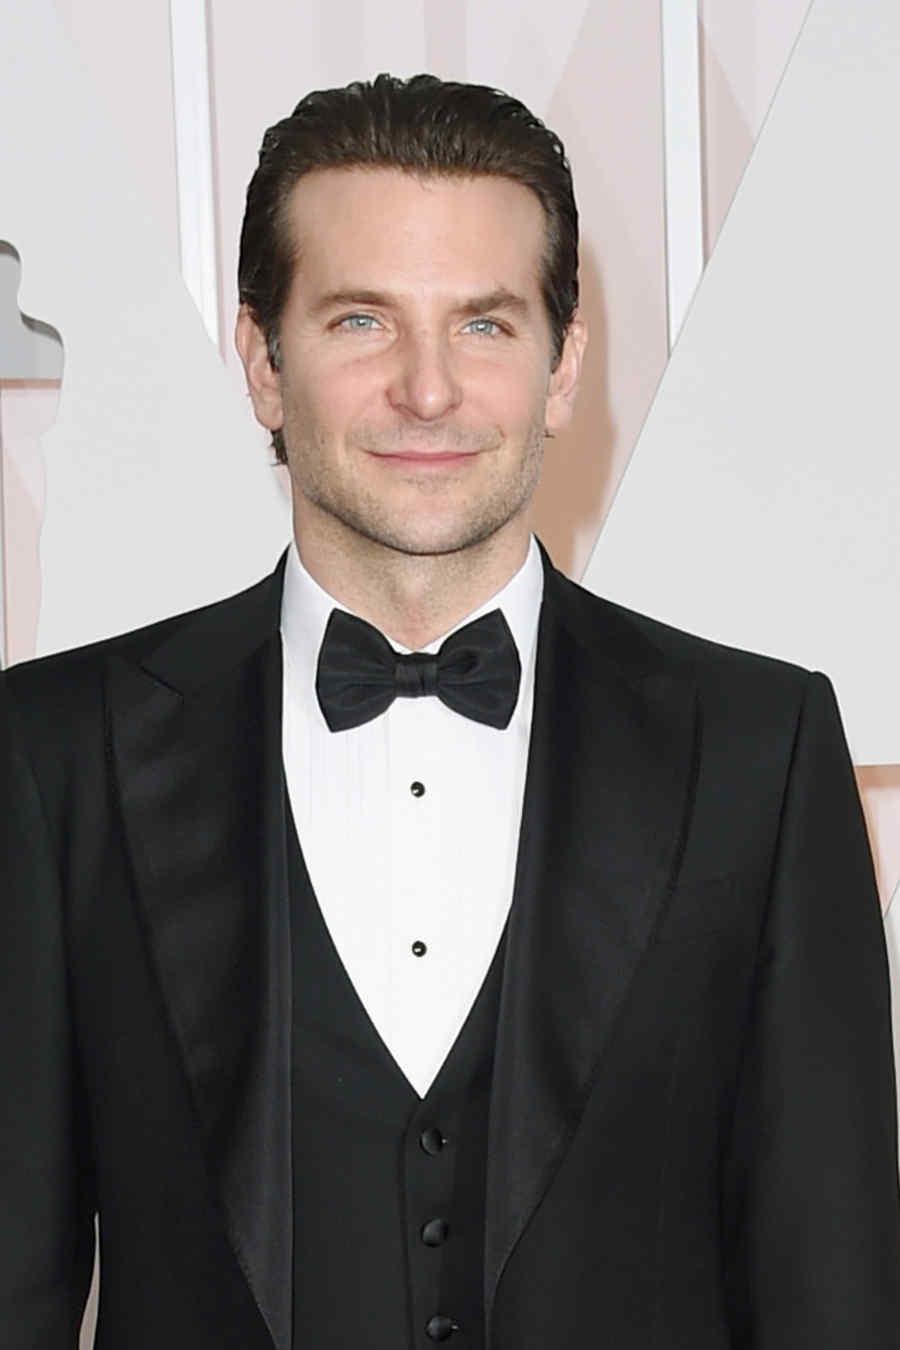 Bradley Cooper en la alfombra roja de los premios Oscar 2015